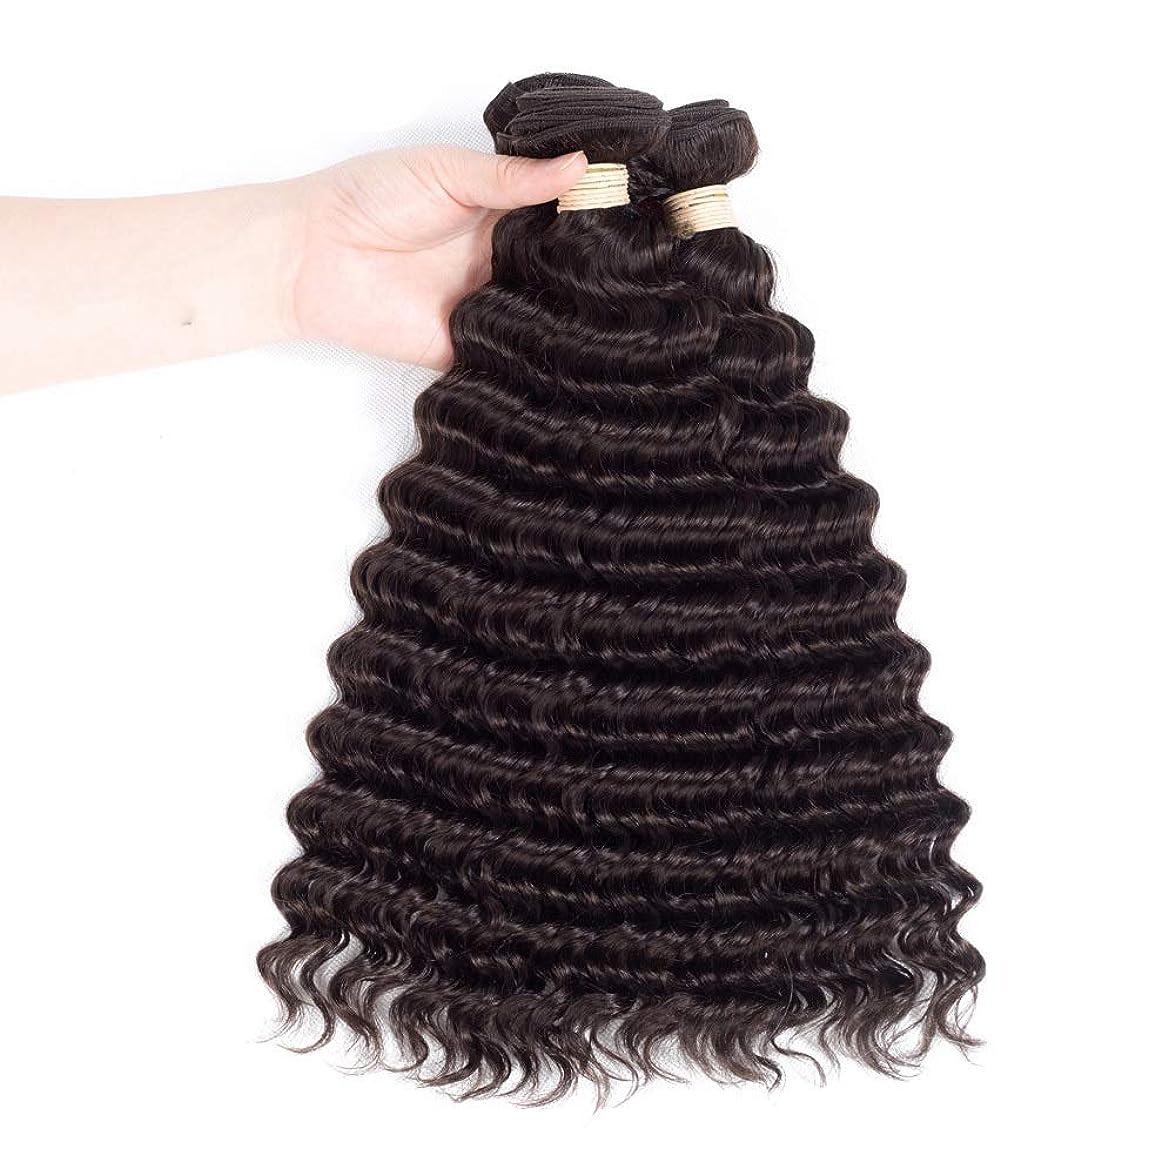 動機付ける特徴づける首相BOBIDYEE 人間の髪の毛の束ブラジルディープウェーブ本物の人間の髪の毛の織り方#2ダークブラウン(8